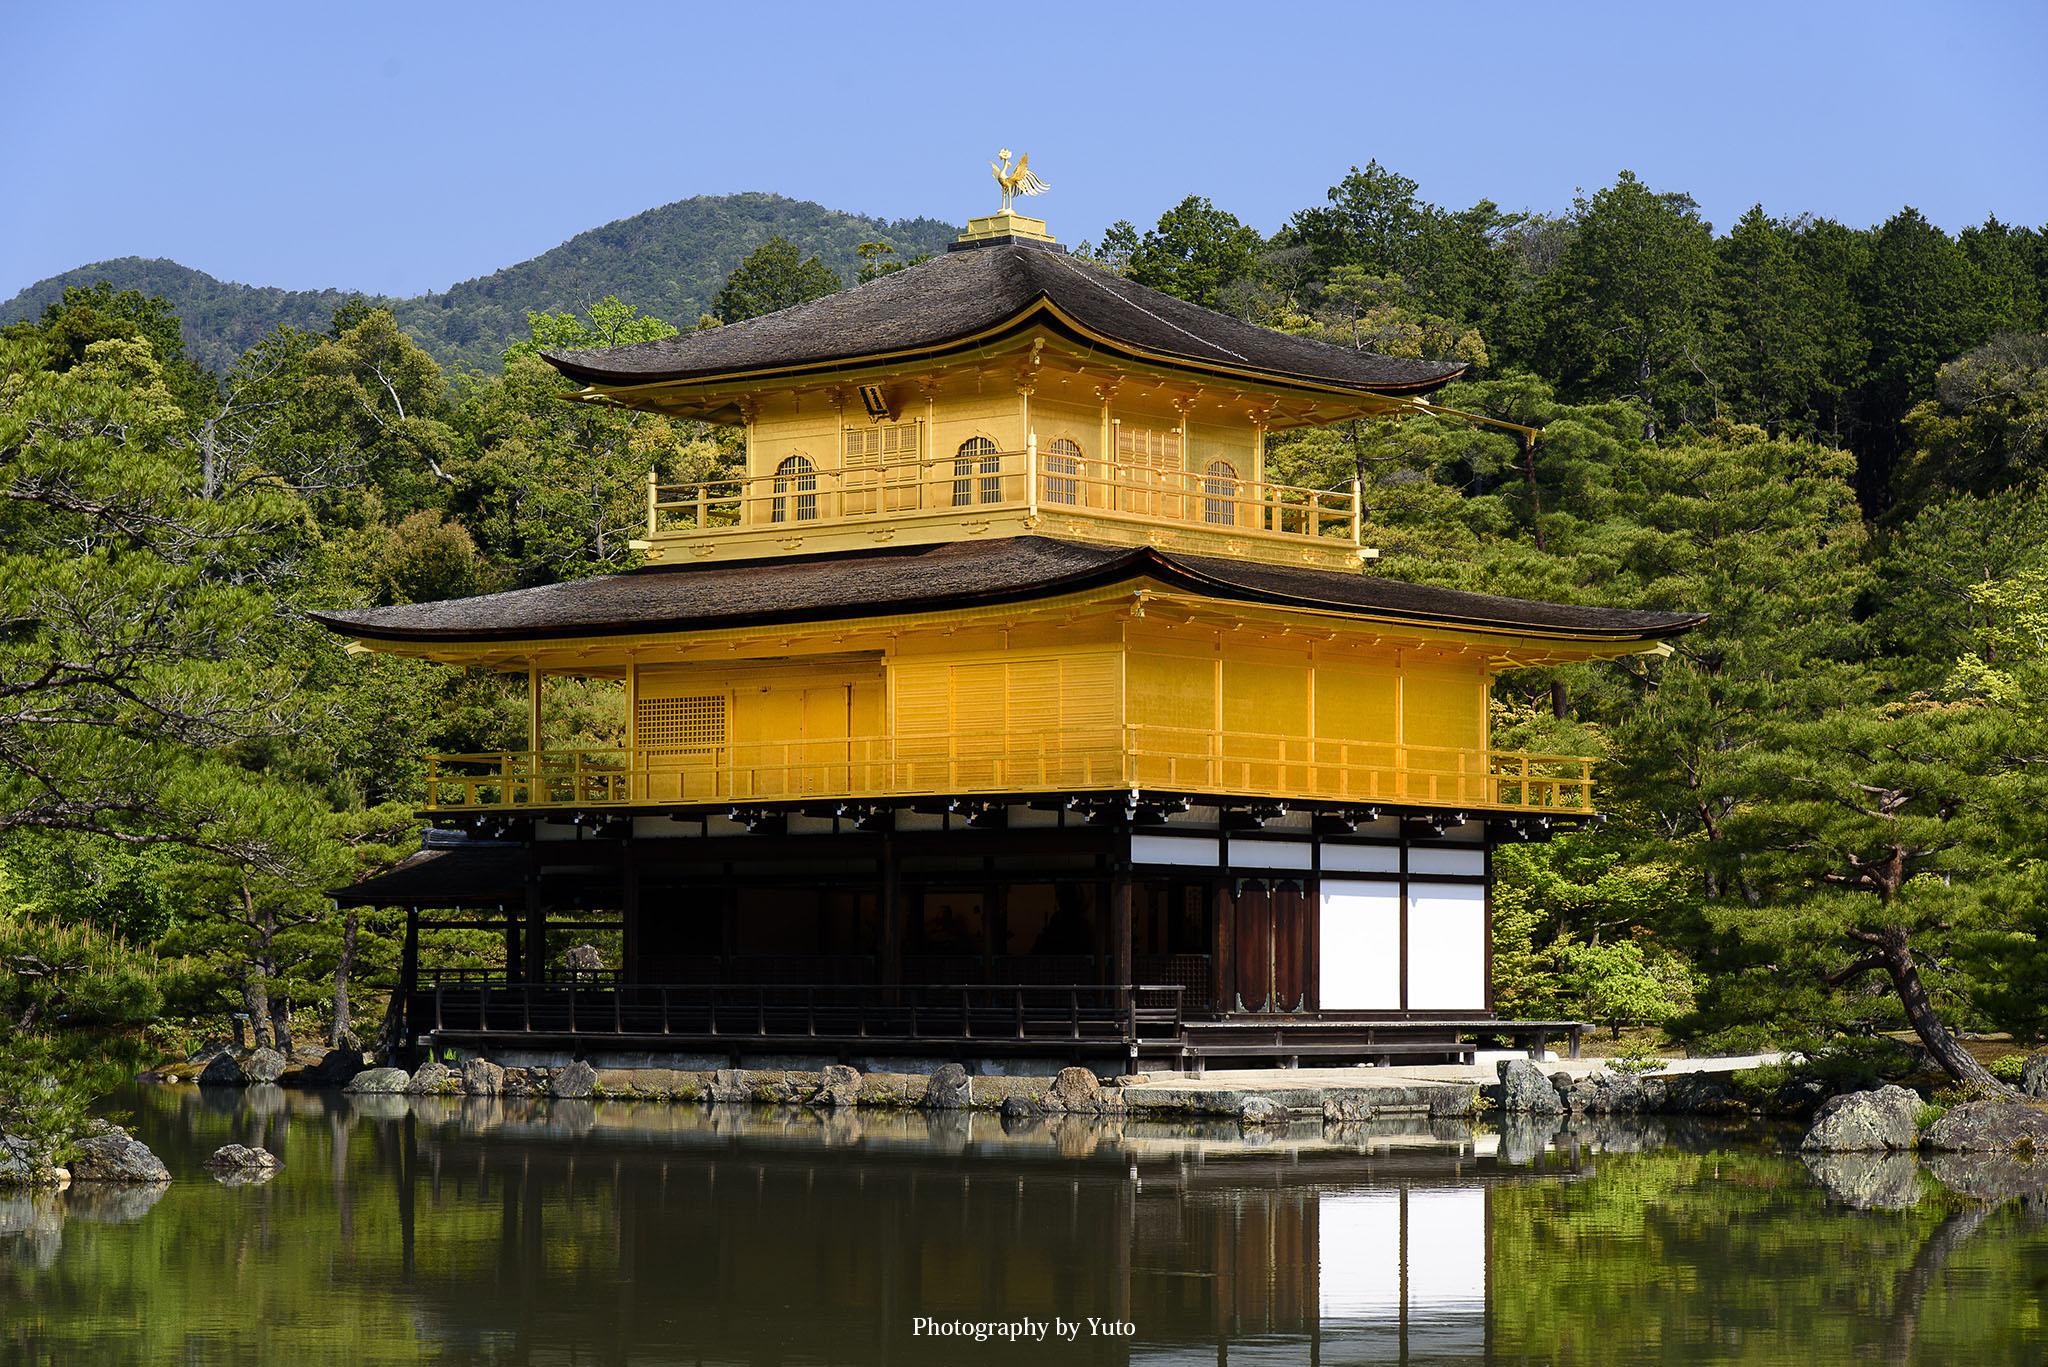 京都府の写真撮影スポット(38箇所)